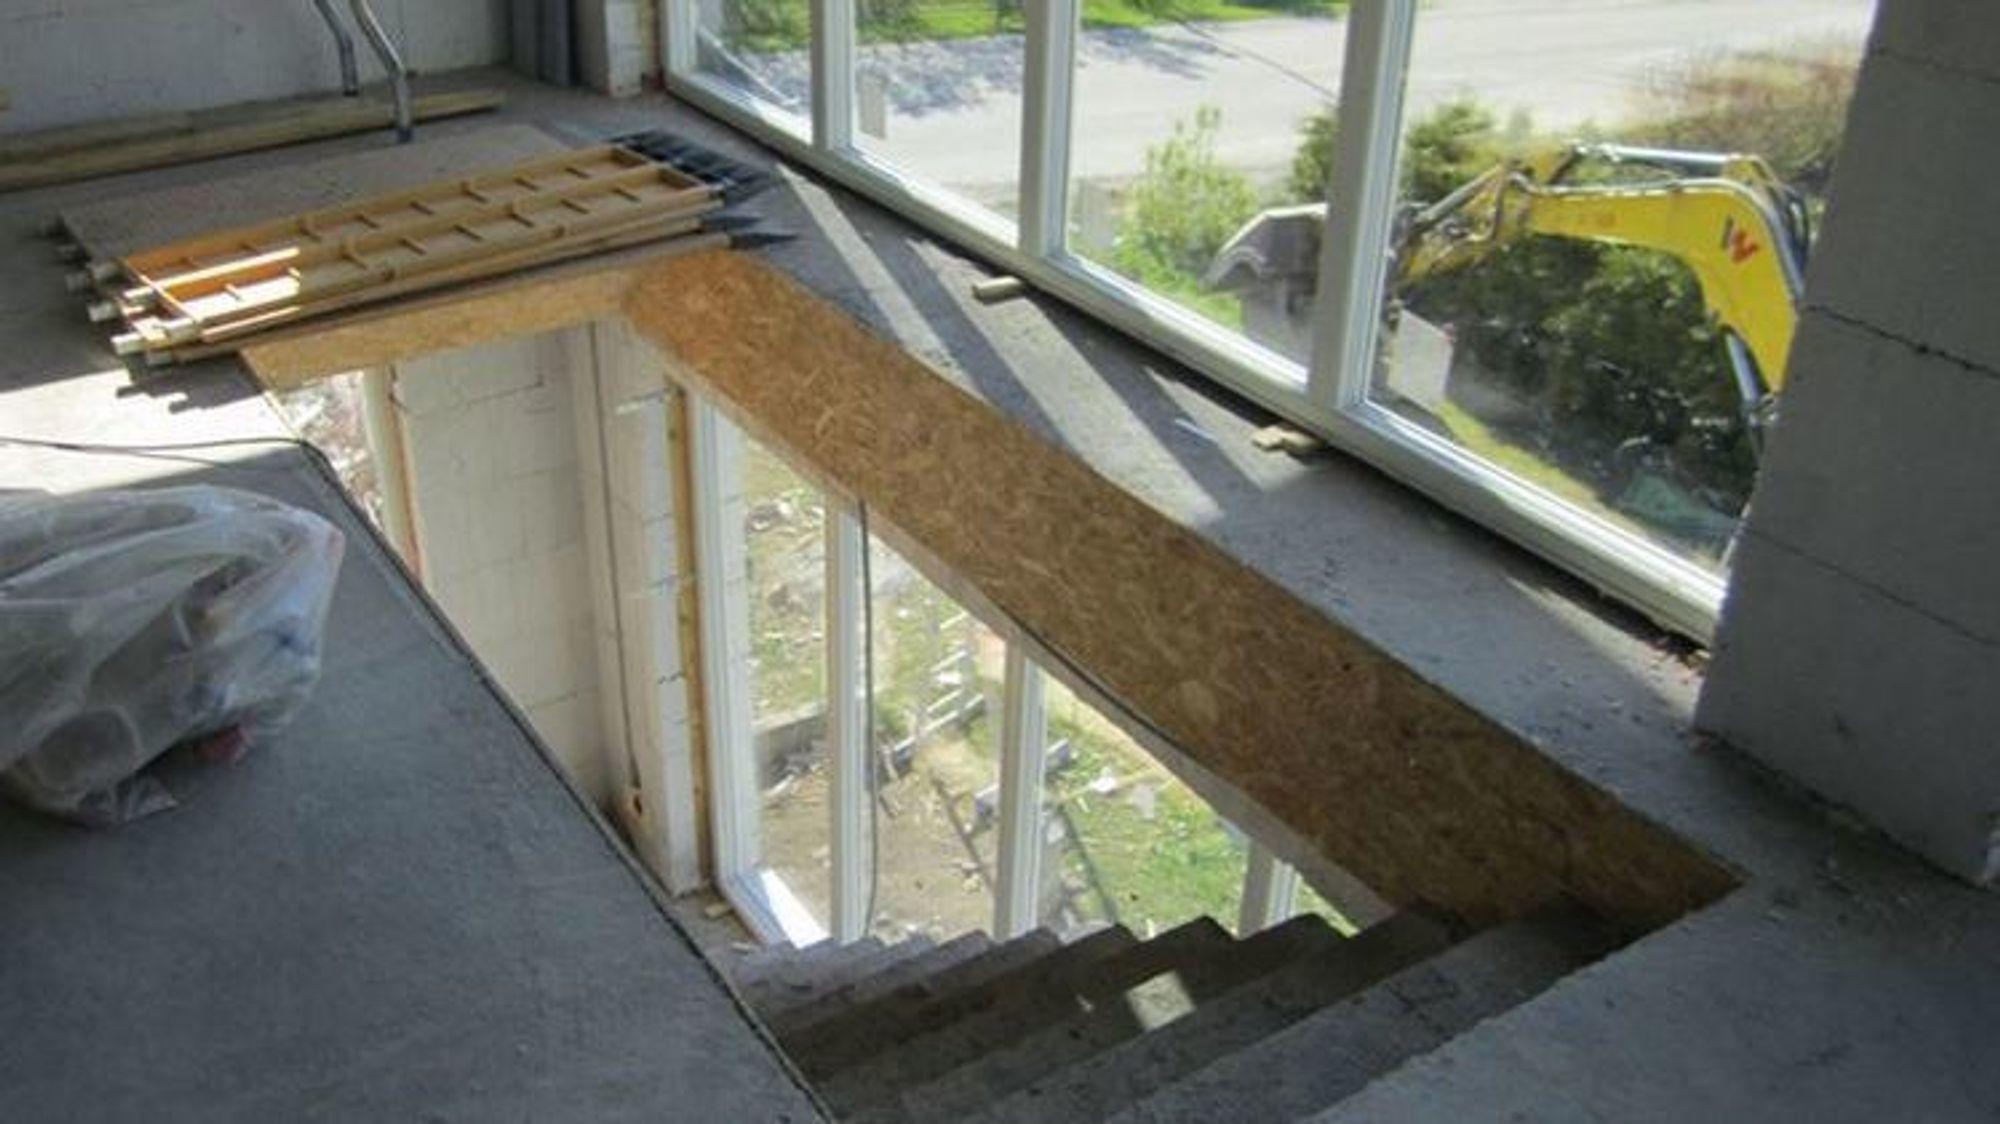 Typiske funn på tilsyn er åpne trappeløp. Å sette opp et rekkverk eller legge en lem over åpningen kan hindre fall og alvorlige skader.